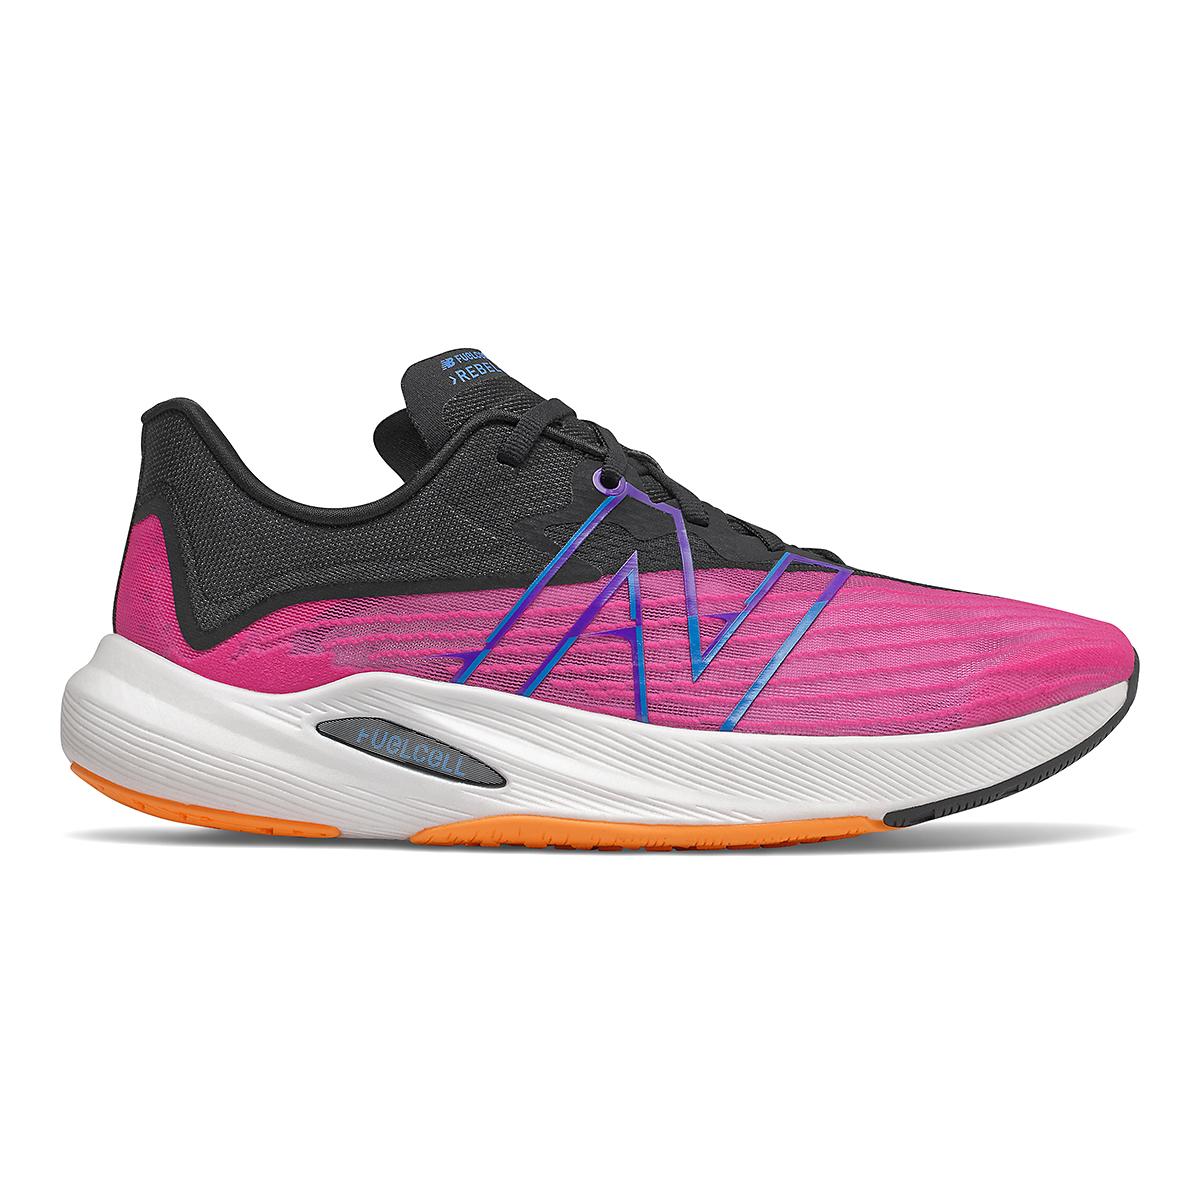 Men's New Balance Fuelcell Rebel V2 Running Shoe - Color: Pink Glo/Black - Size: 6 - Width: Wide, Pink Glo/Black, large, image 1